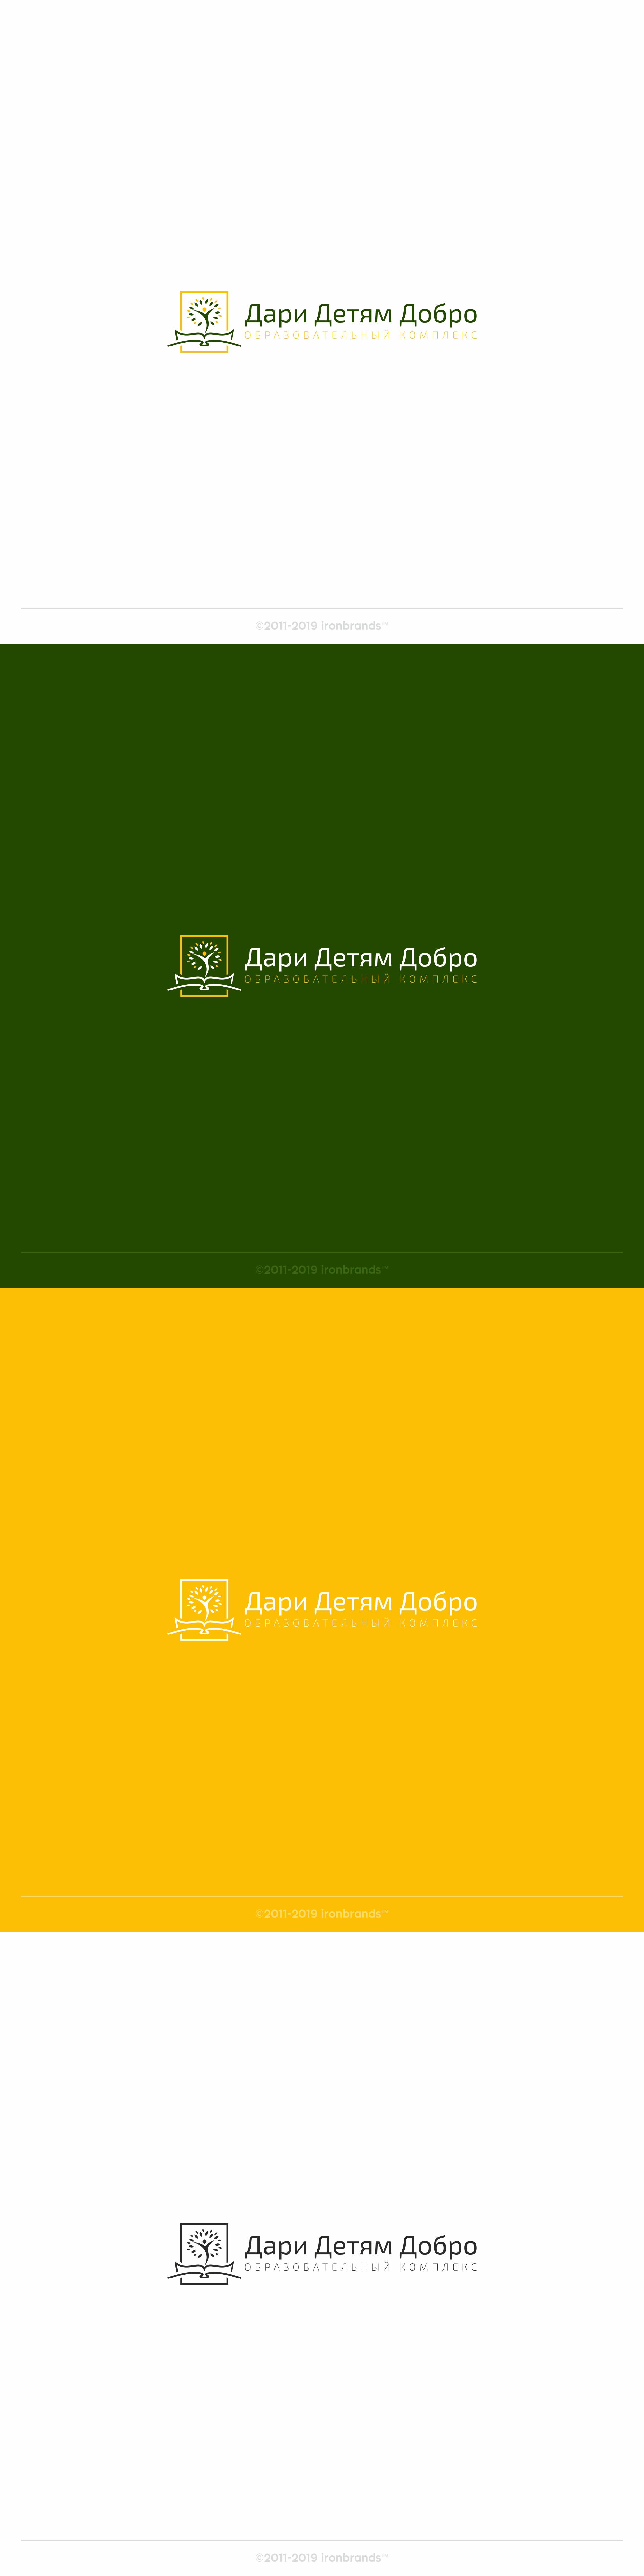 Логотип для образовательного комплекса фото f_7505c912b8975559.jpg